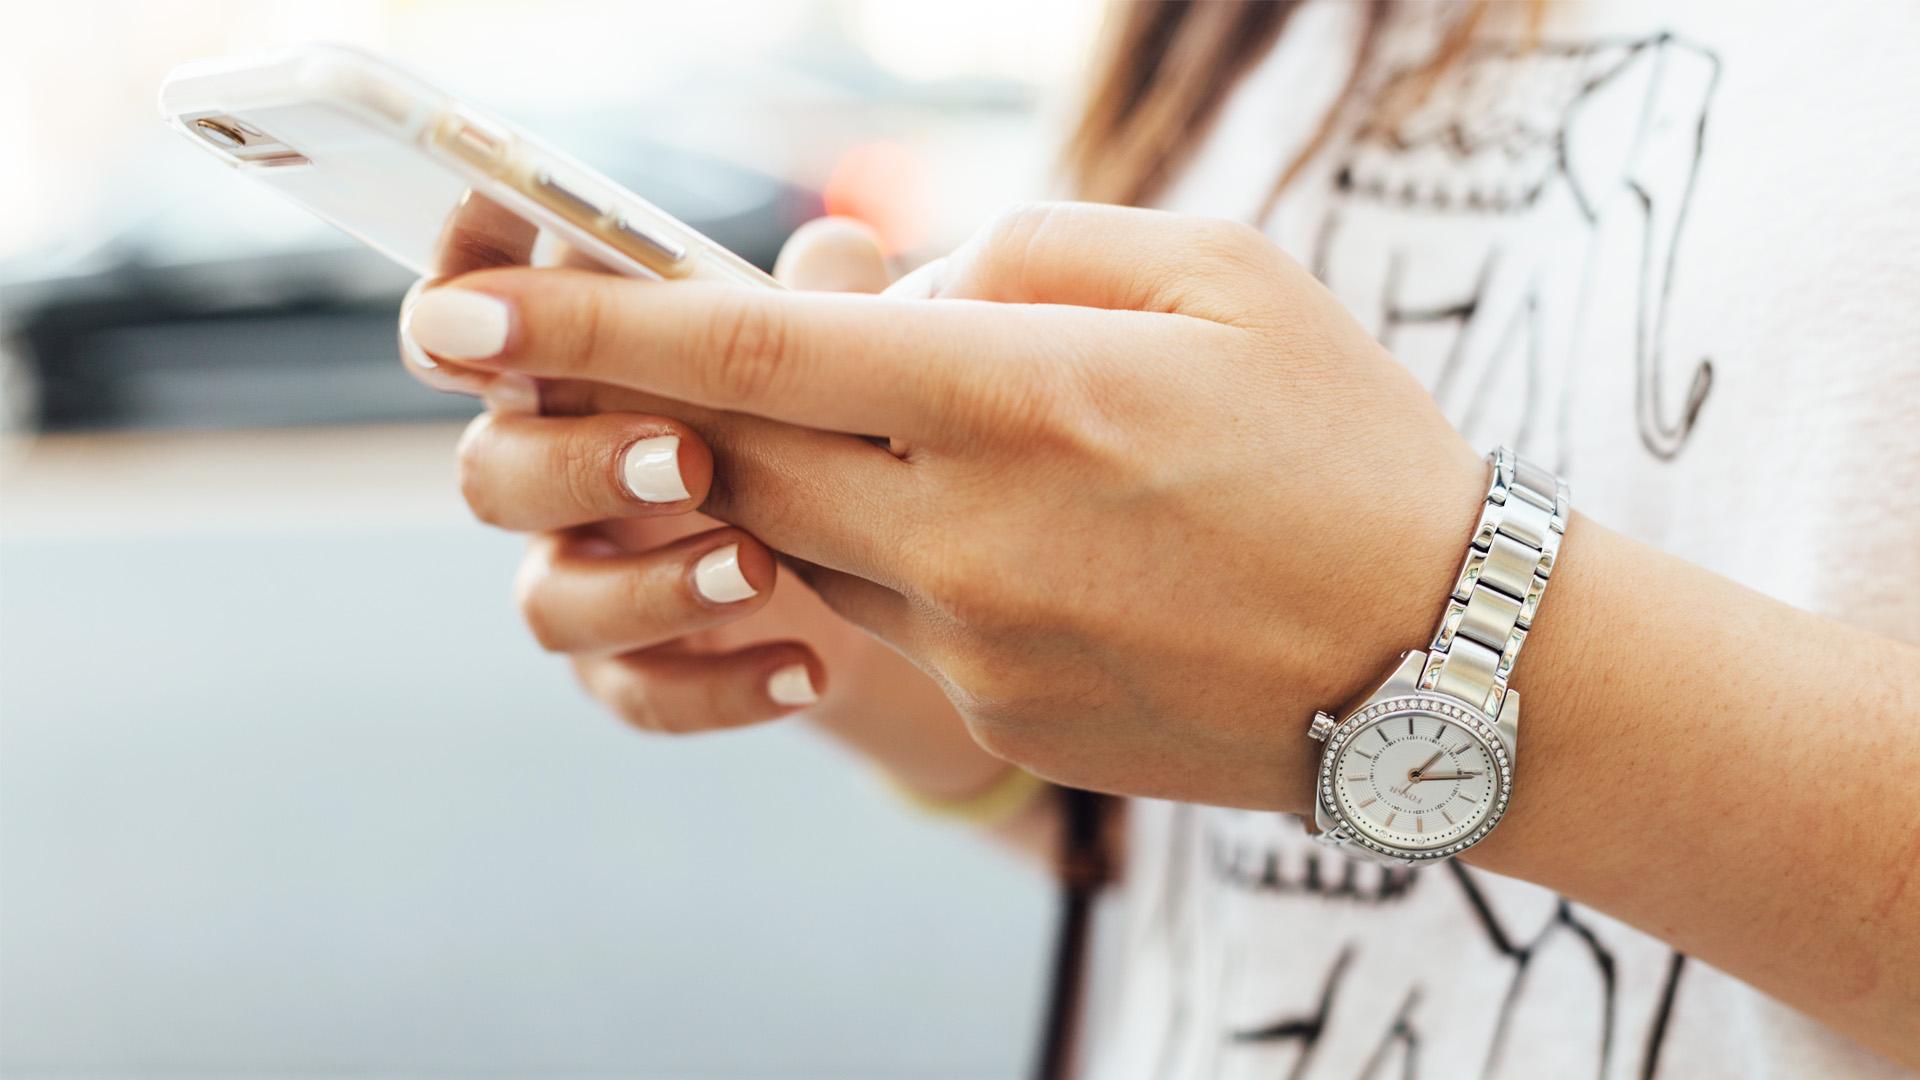 Czy najpopularniejsza aplikacja do zakupów mobilnych jest tak rewelacyjna? Sprawdziliśmy